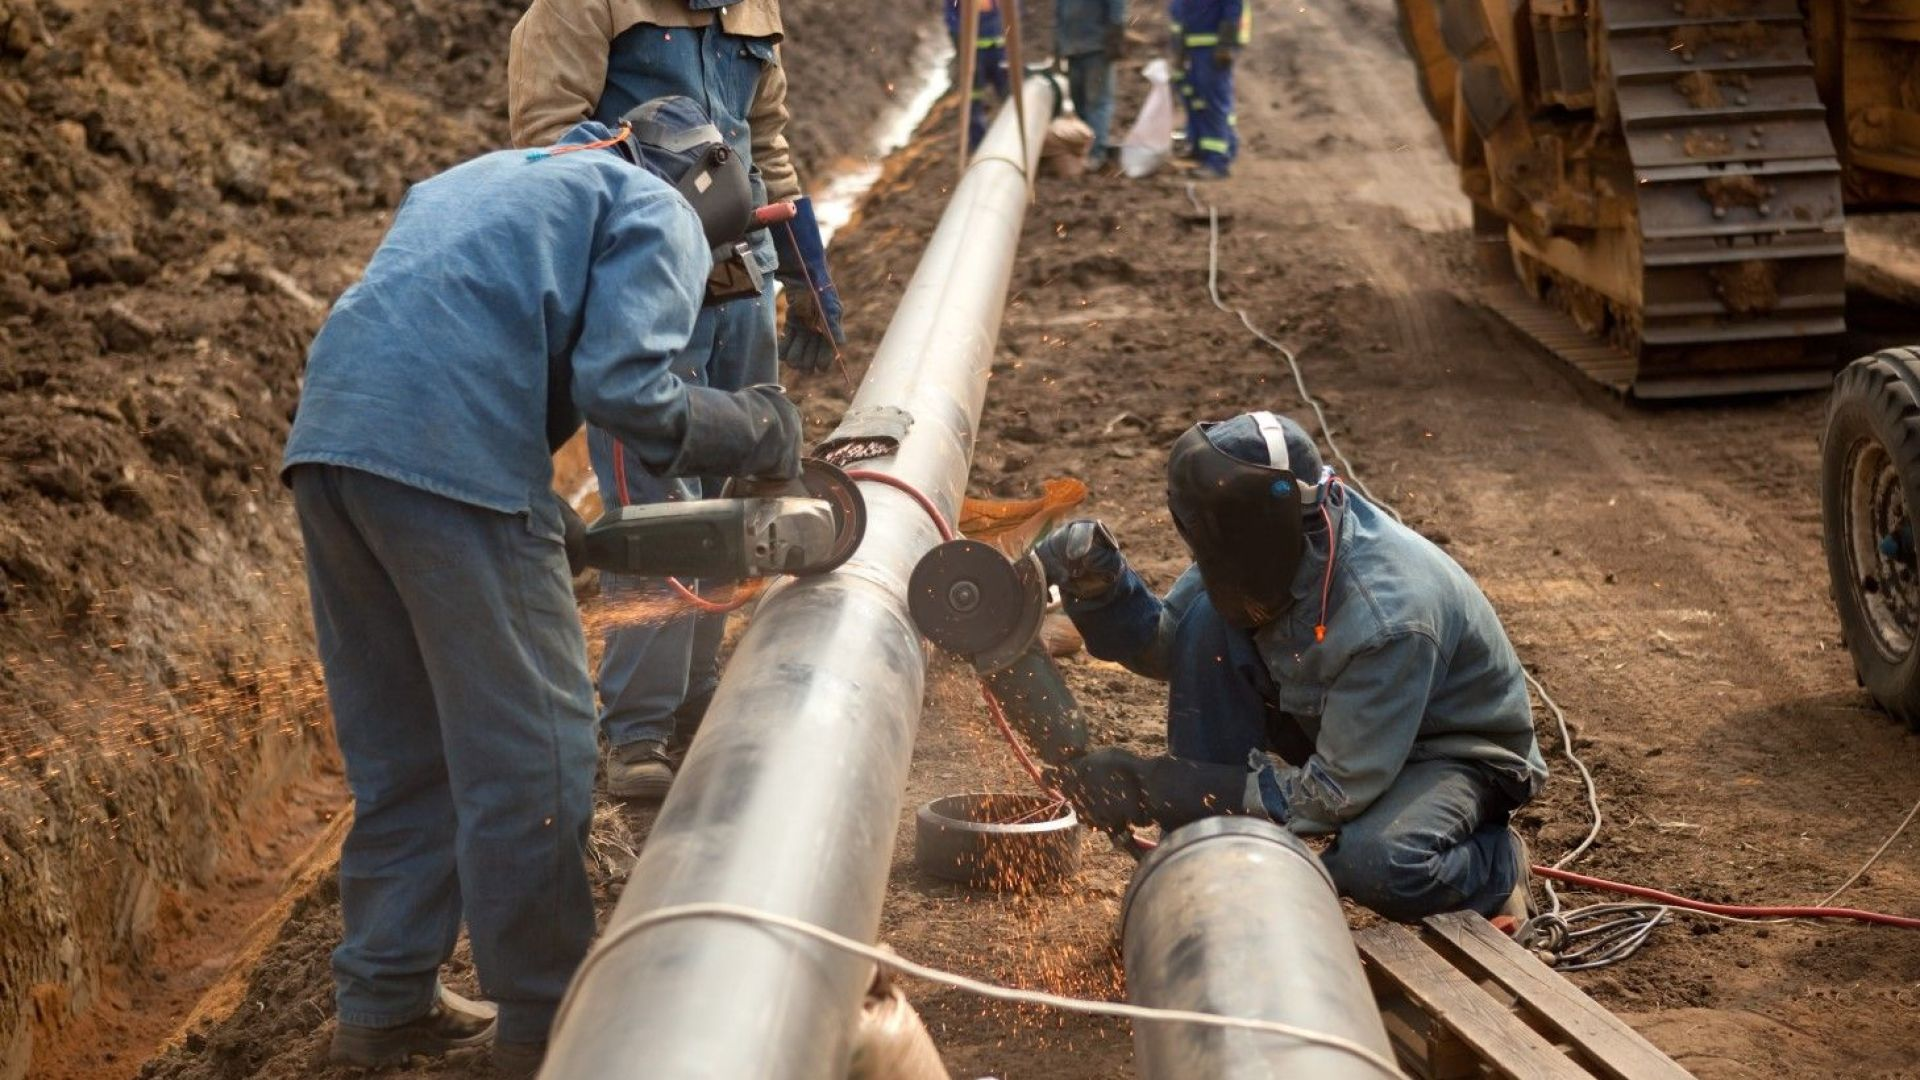 Азерски природен газ стигна до Турция, идва и към Европа